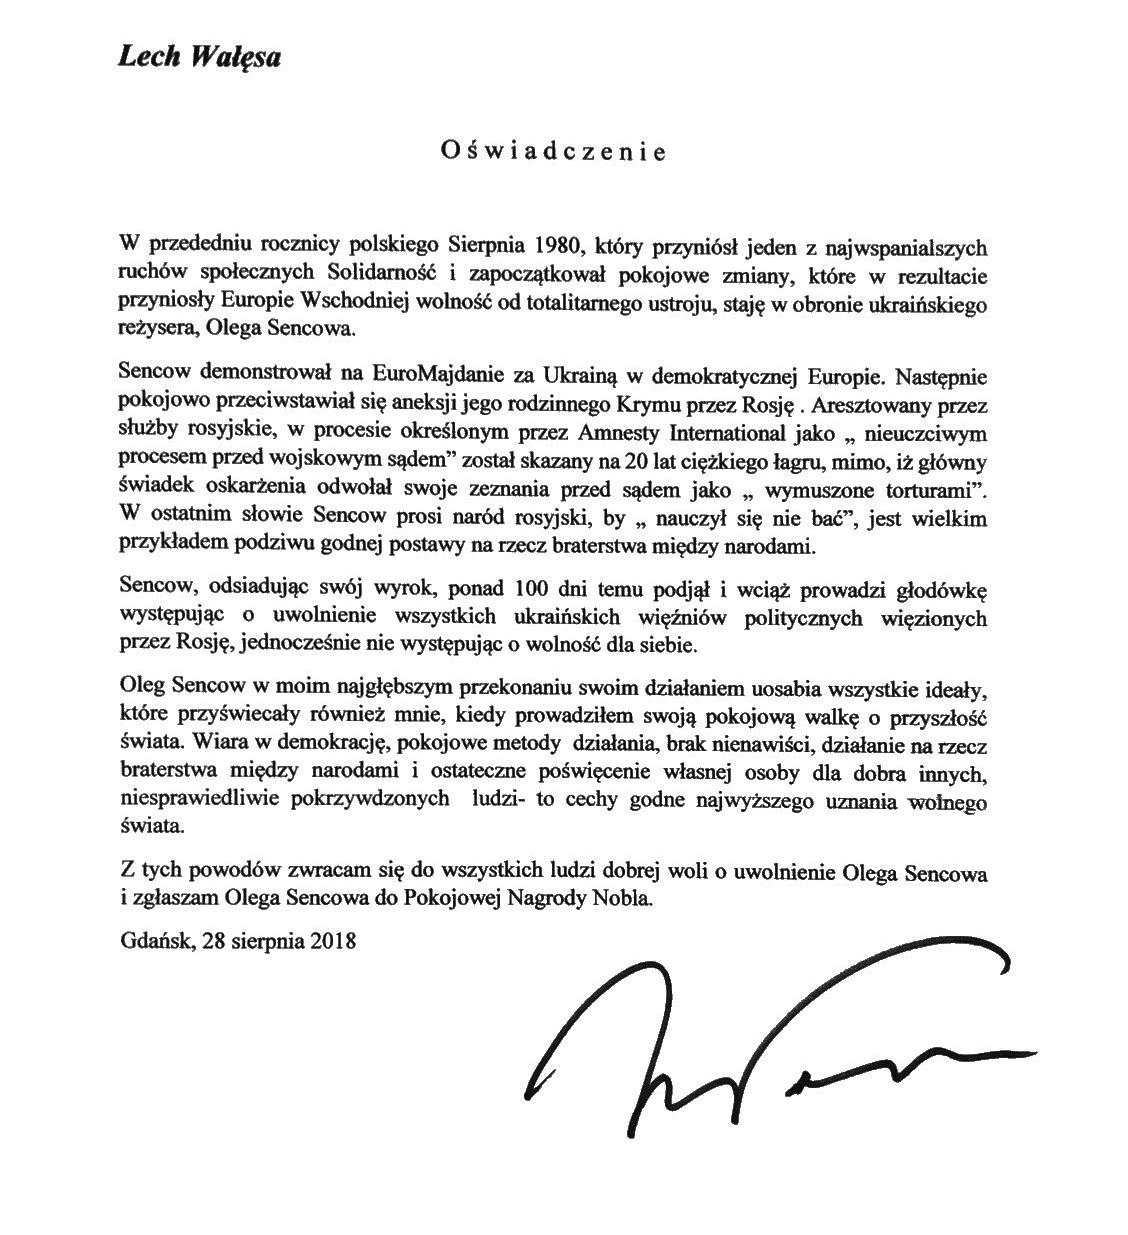 LECH_WALESA_OSWIADCZENIE_O.SENCOW